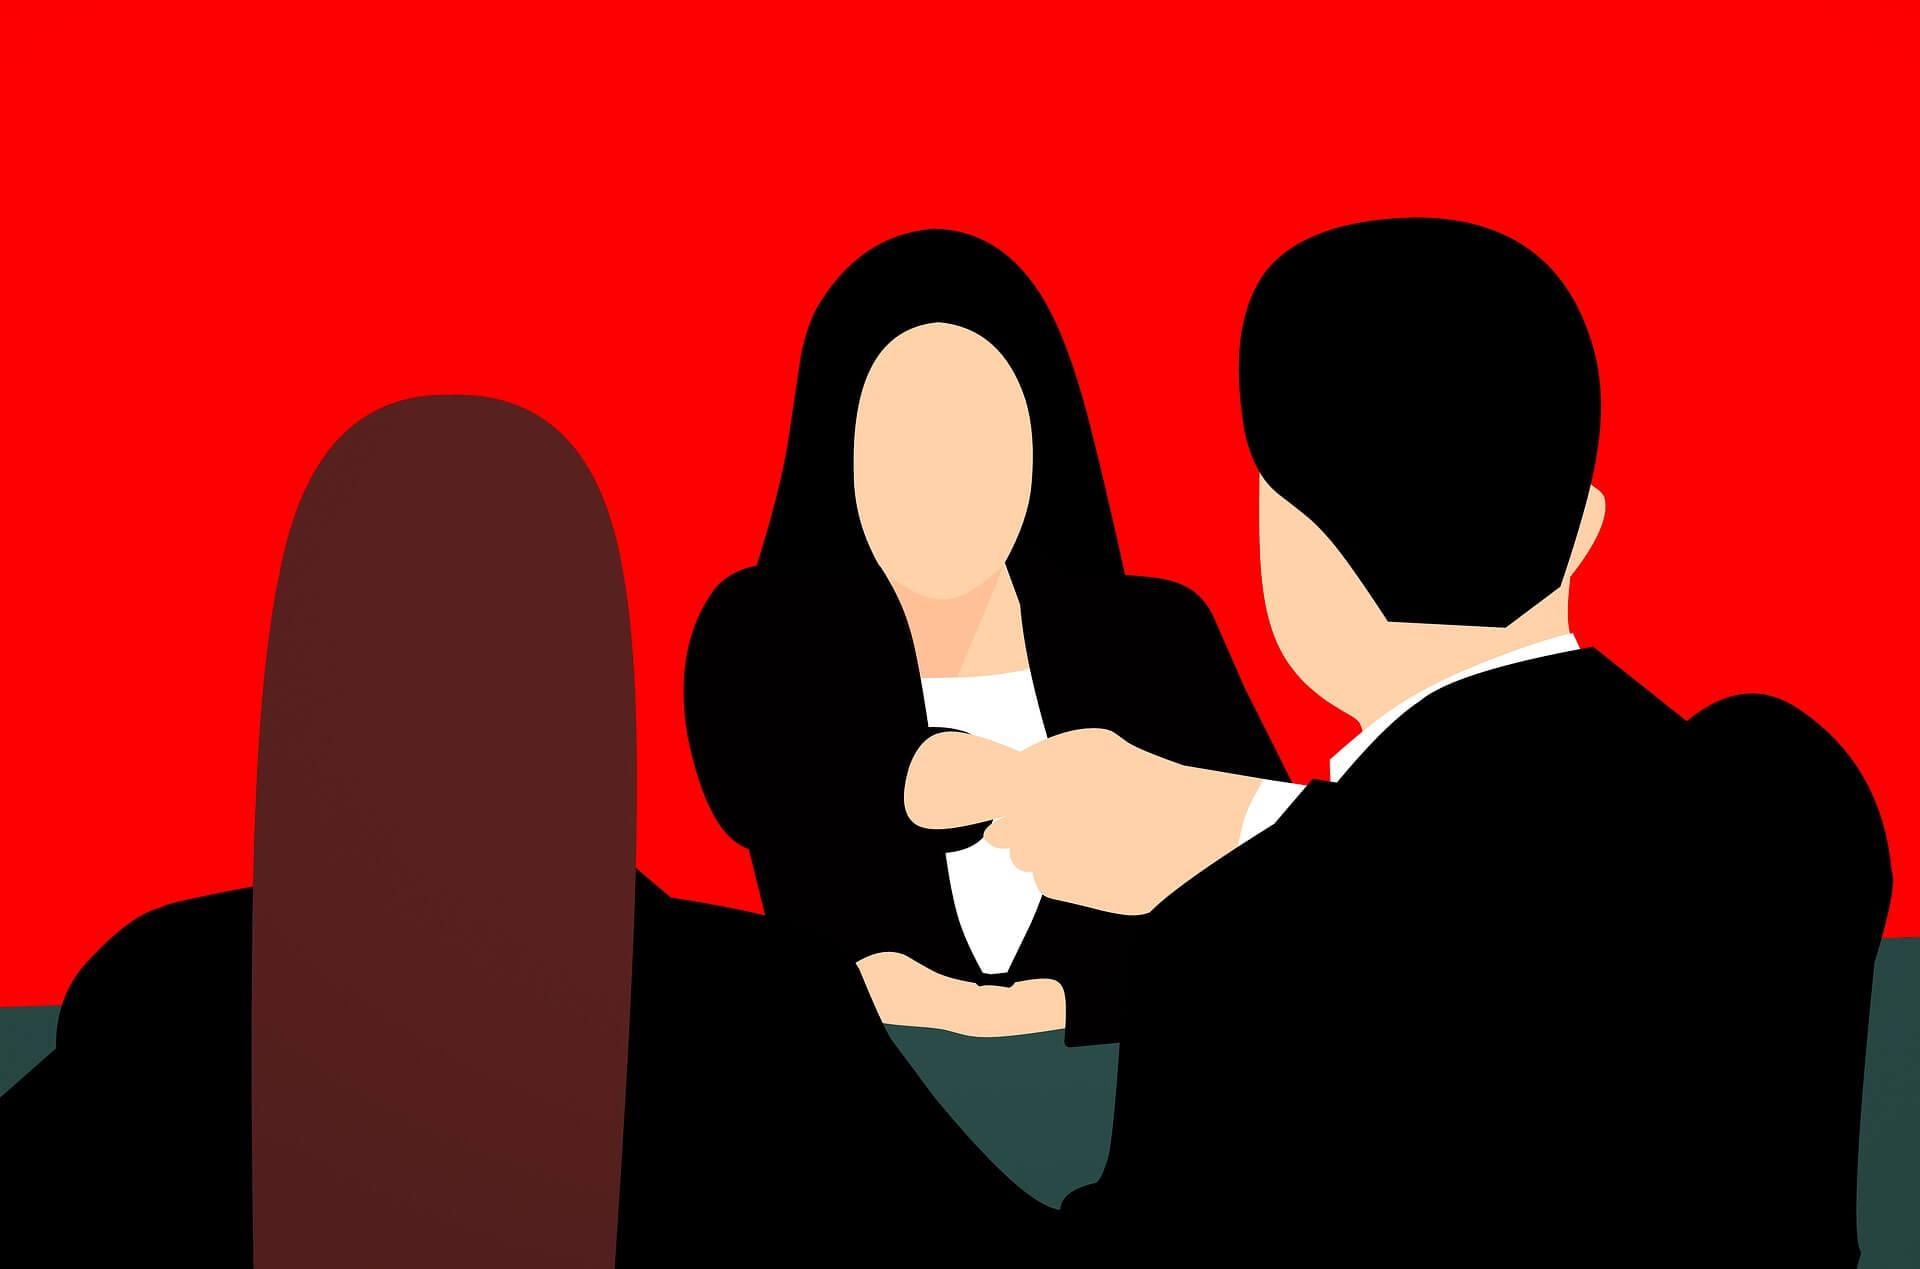 iş görüşmesi - iş görüşmesi soruları - iş görüşmelerinde sıkça sorulan sorular